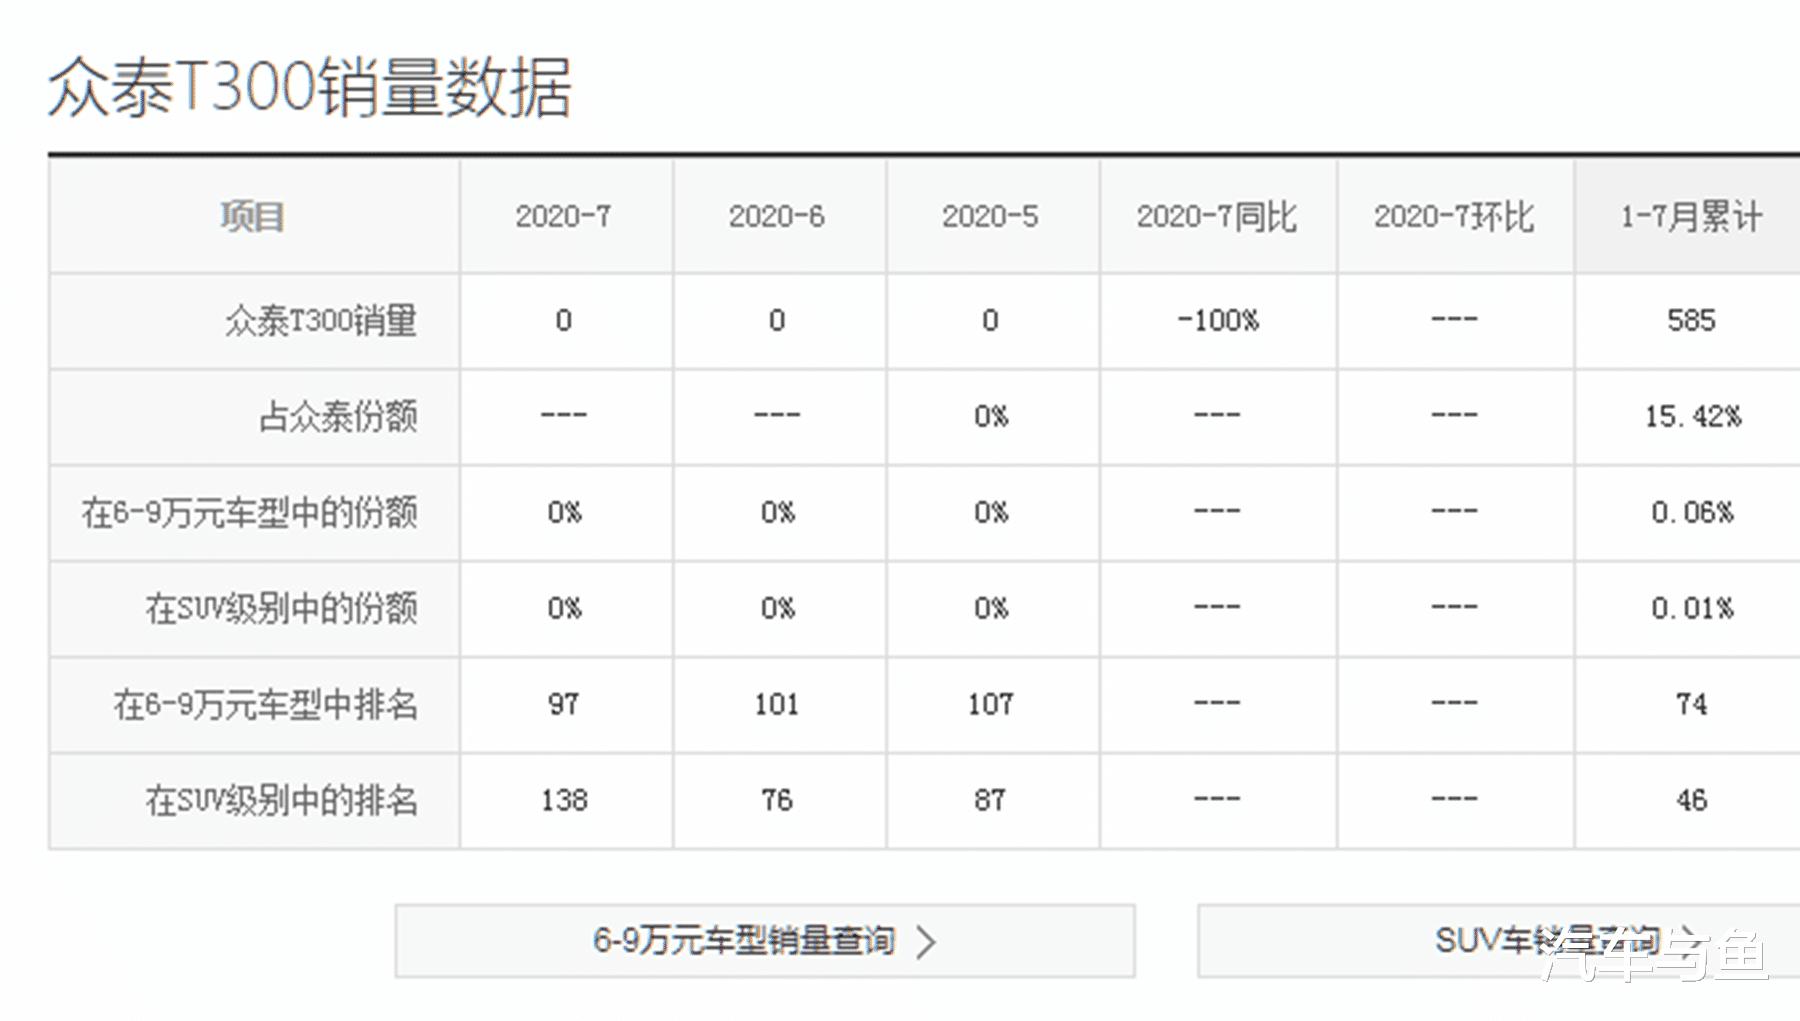 """眾泰打響""""價格戰"""",T300跌至4萬多,真的是被市場逼的嗎?-圖3"""